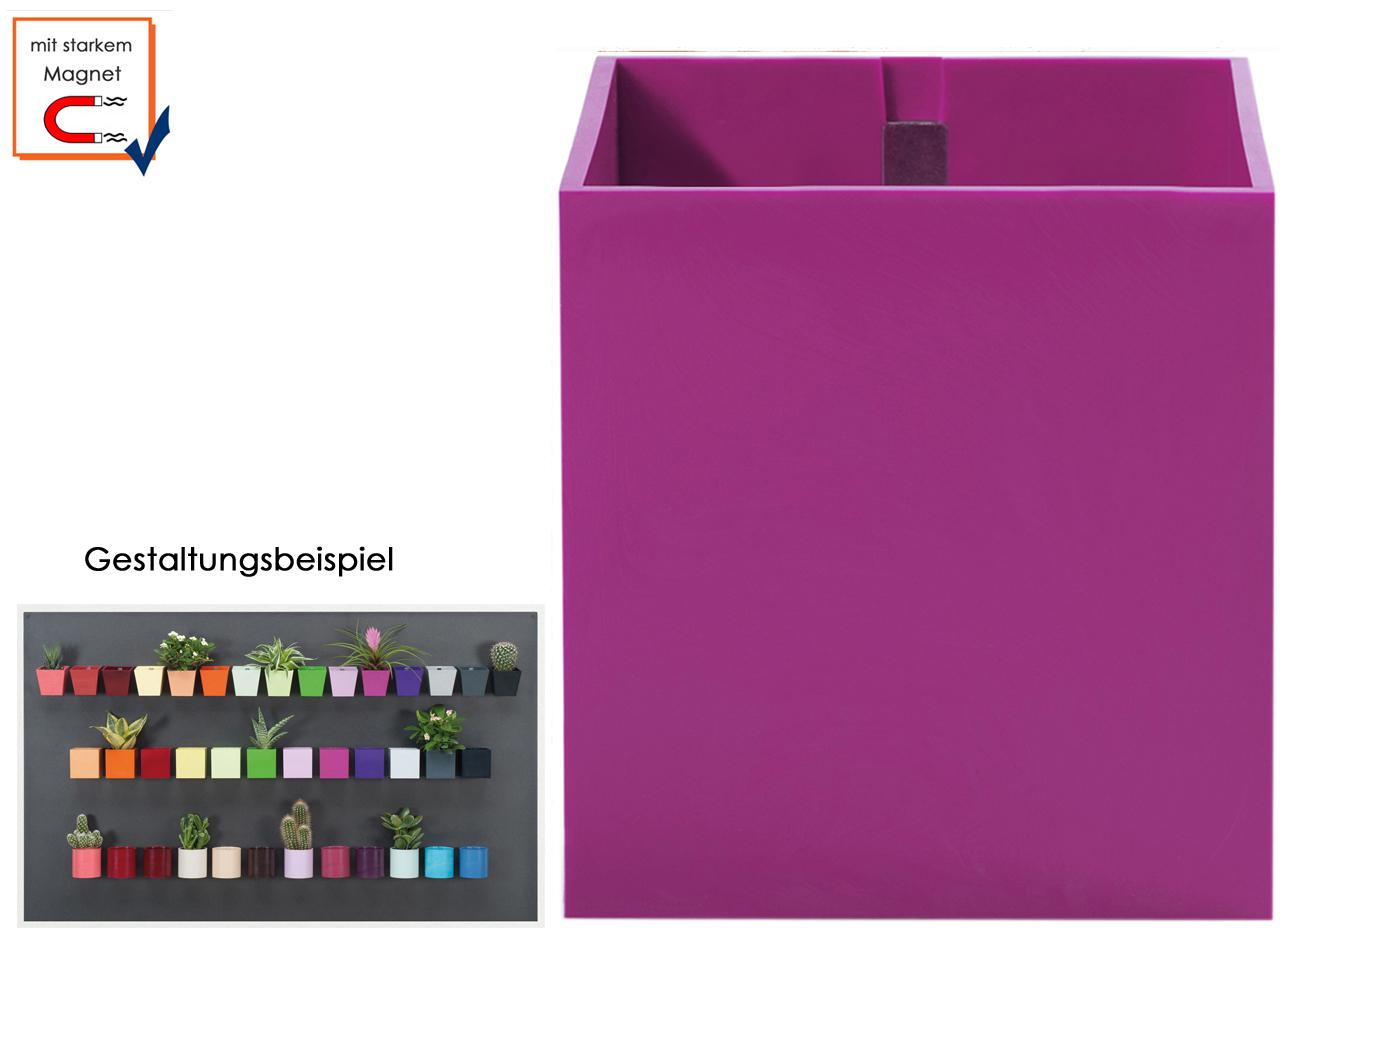 Kunststofftopf Cube M. magnétique ø 3,5cm, wandaufbewahrung déco, kalamitica